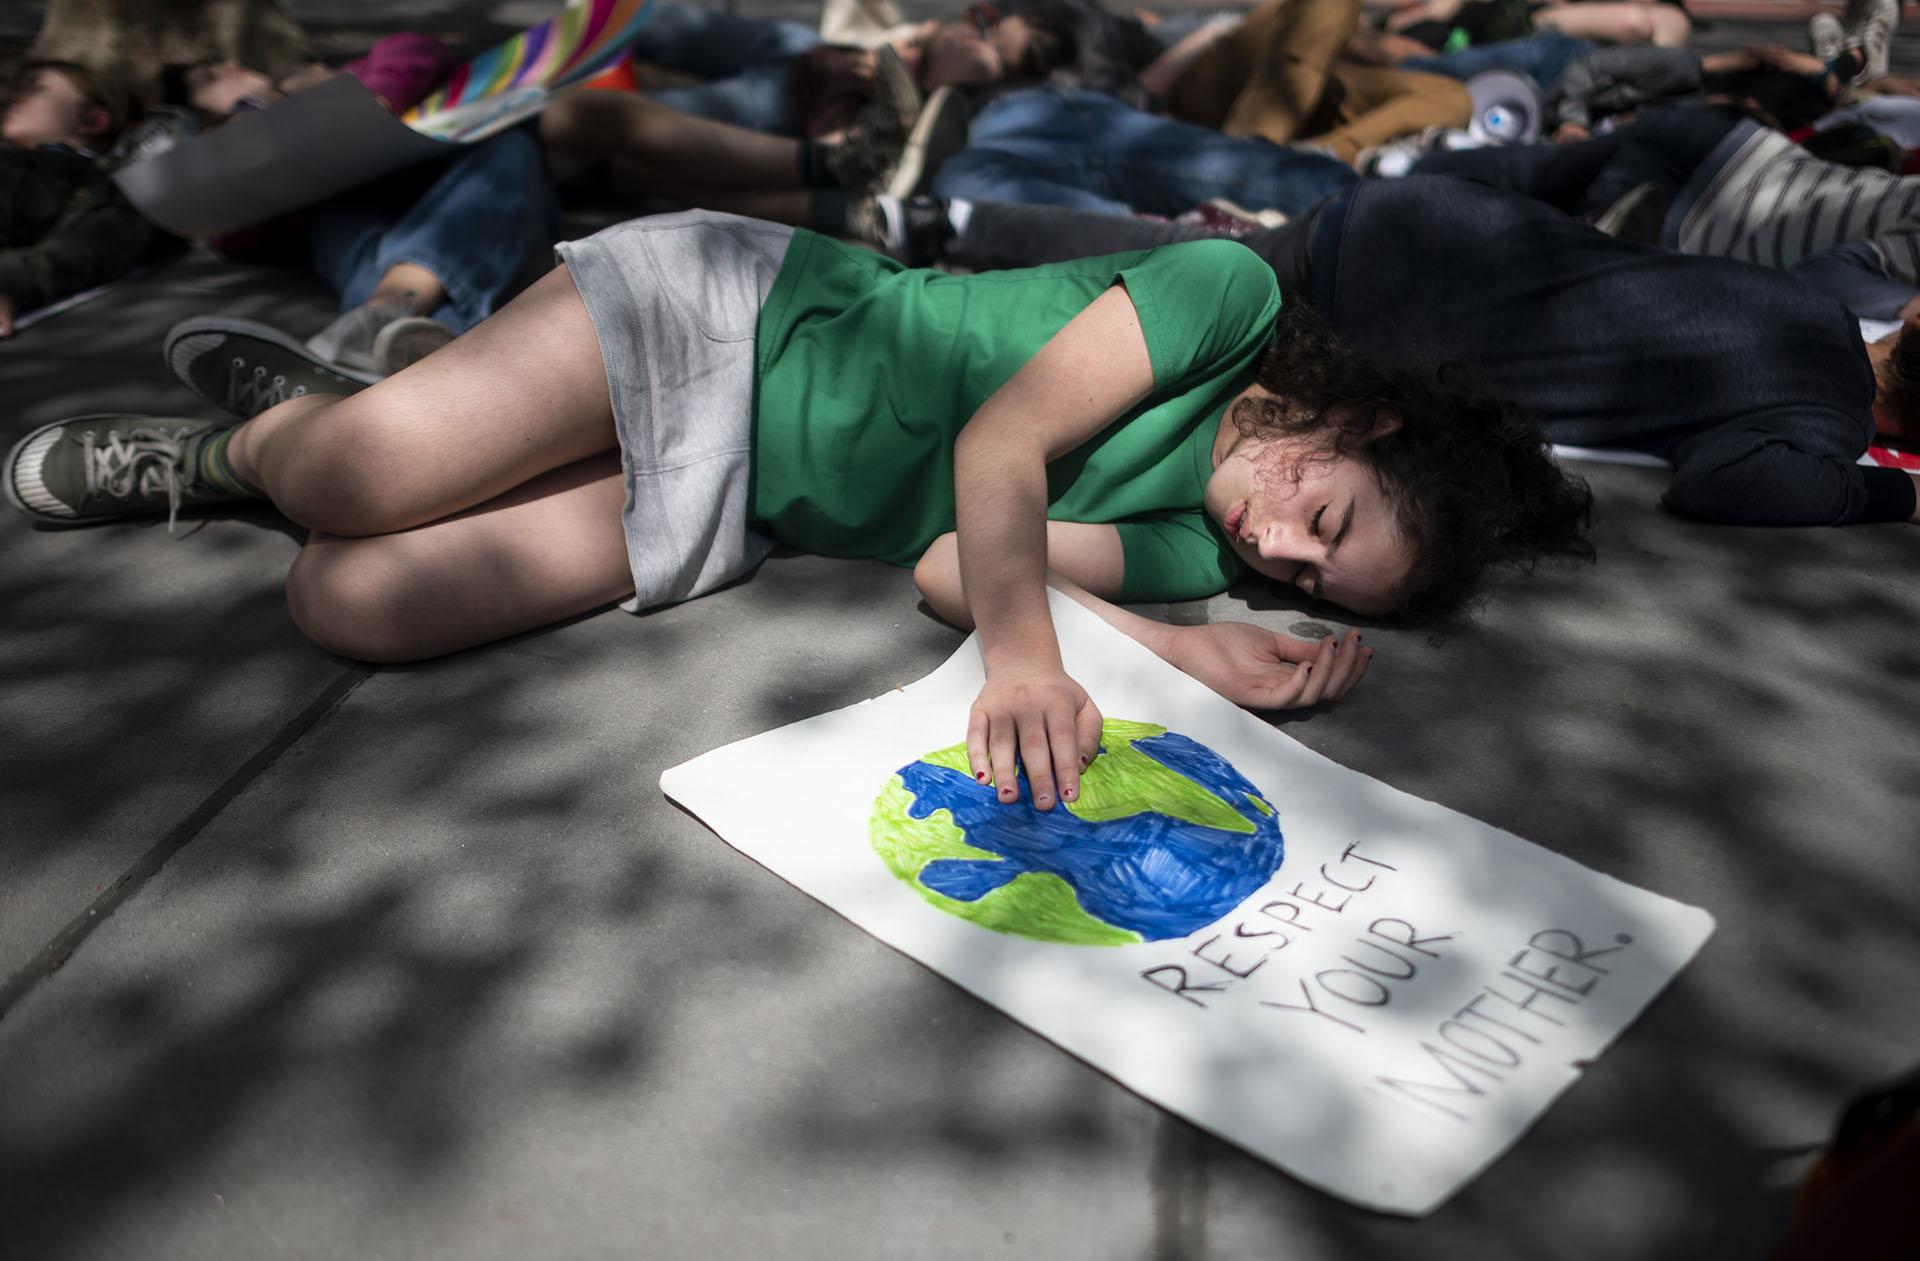 Niños en edad escolar se hacen los muertos durante la Huelga Climática Juvenil el 24 de mayo de 2019 en las afueras de la sede de las Naciones Unidas en la ciudad de Nueva York. (AFP)